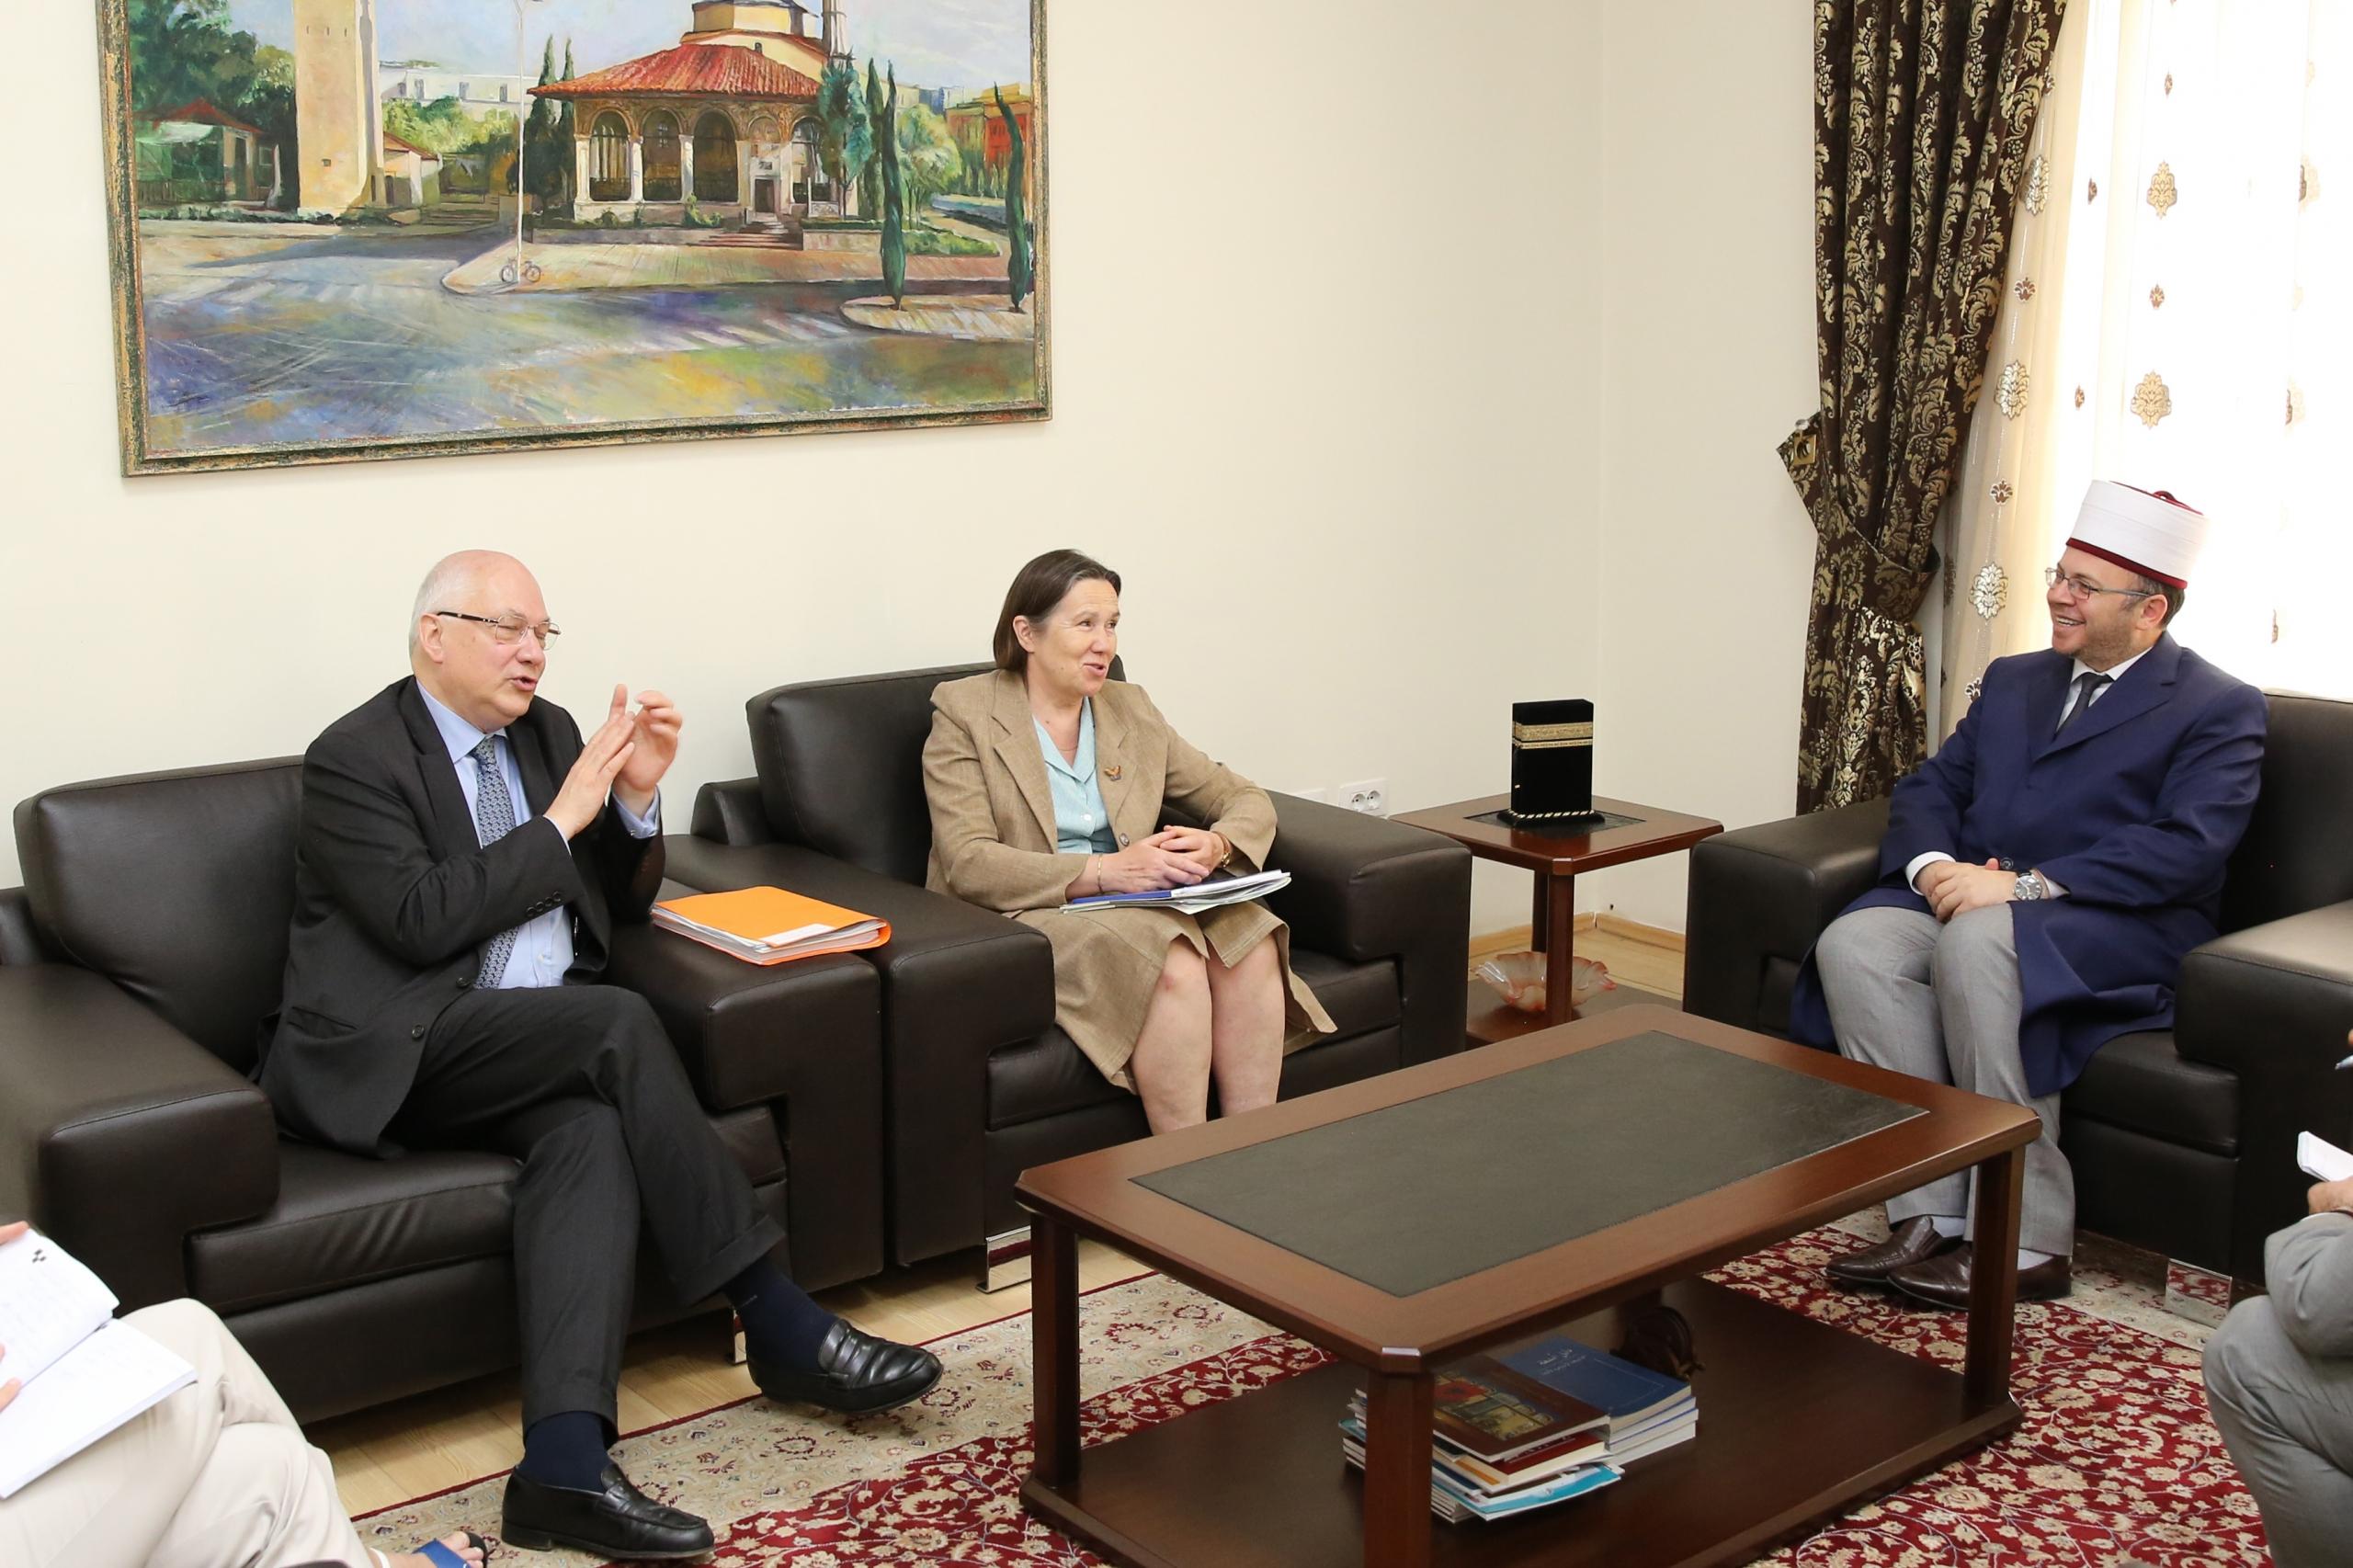 Kreu i KMSH-së priti në një takim pune këshilltarin e Ministrisë Franceze të Evropës